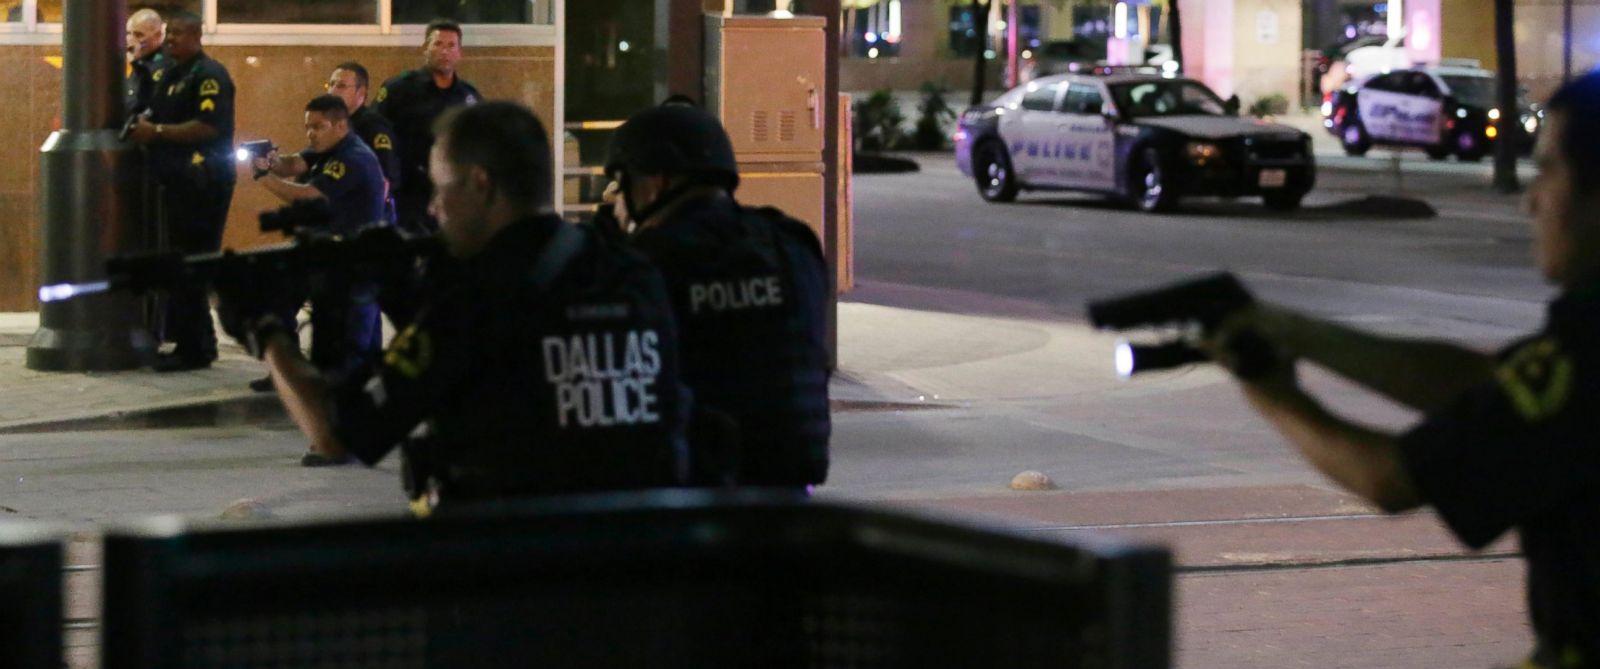 AP_Dallas_Cops_BM_20160708_12x5_1600